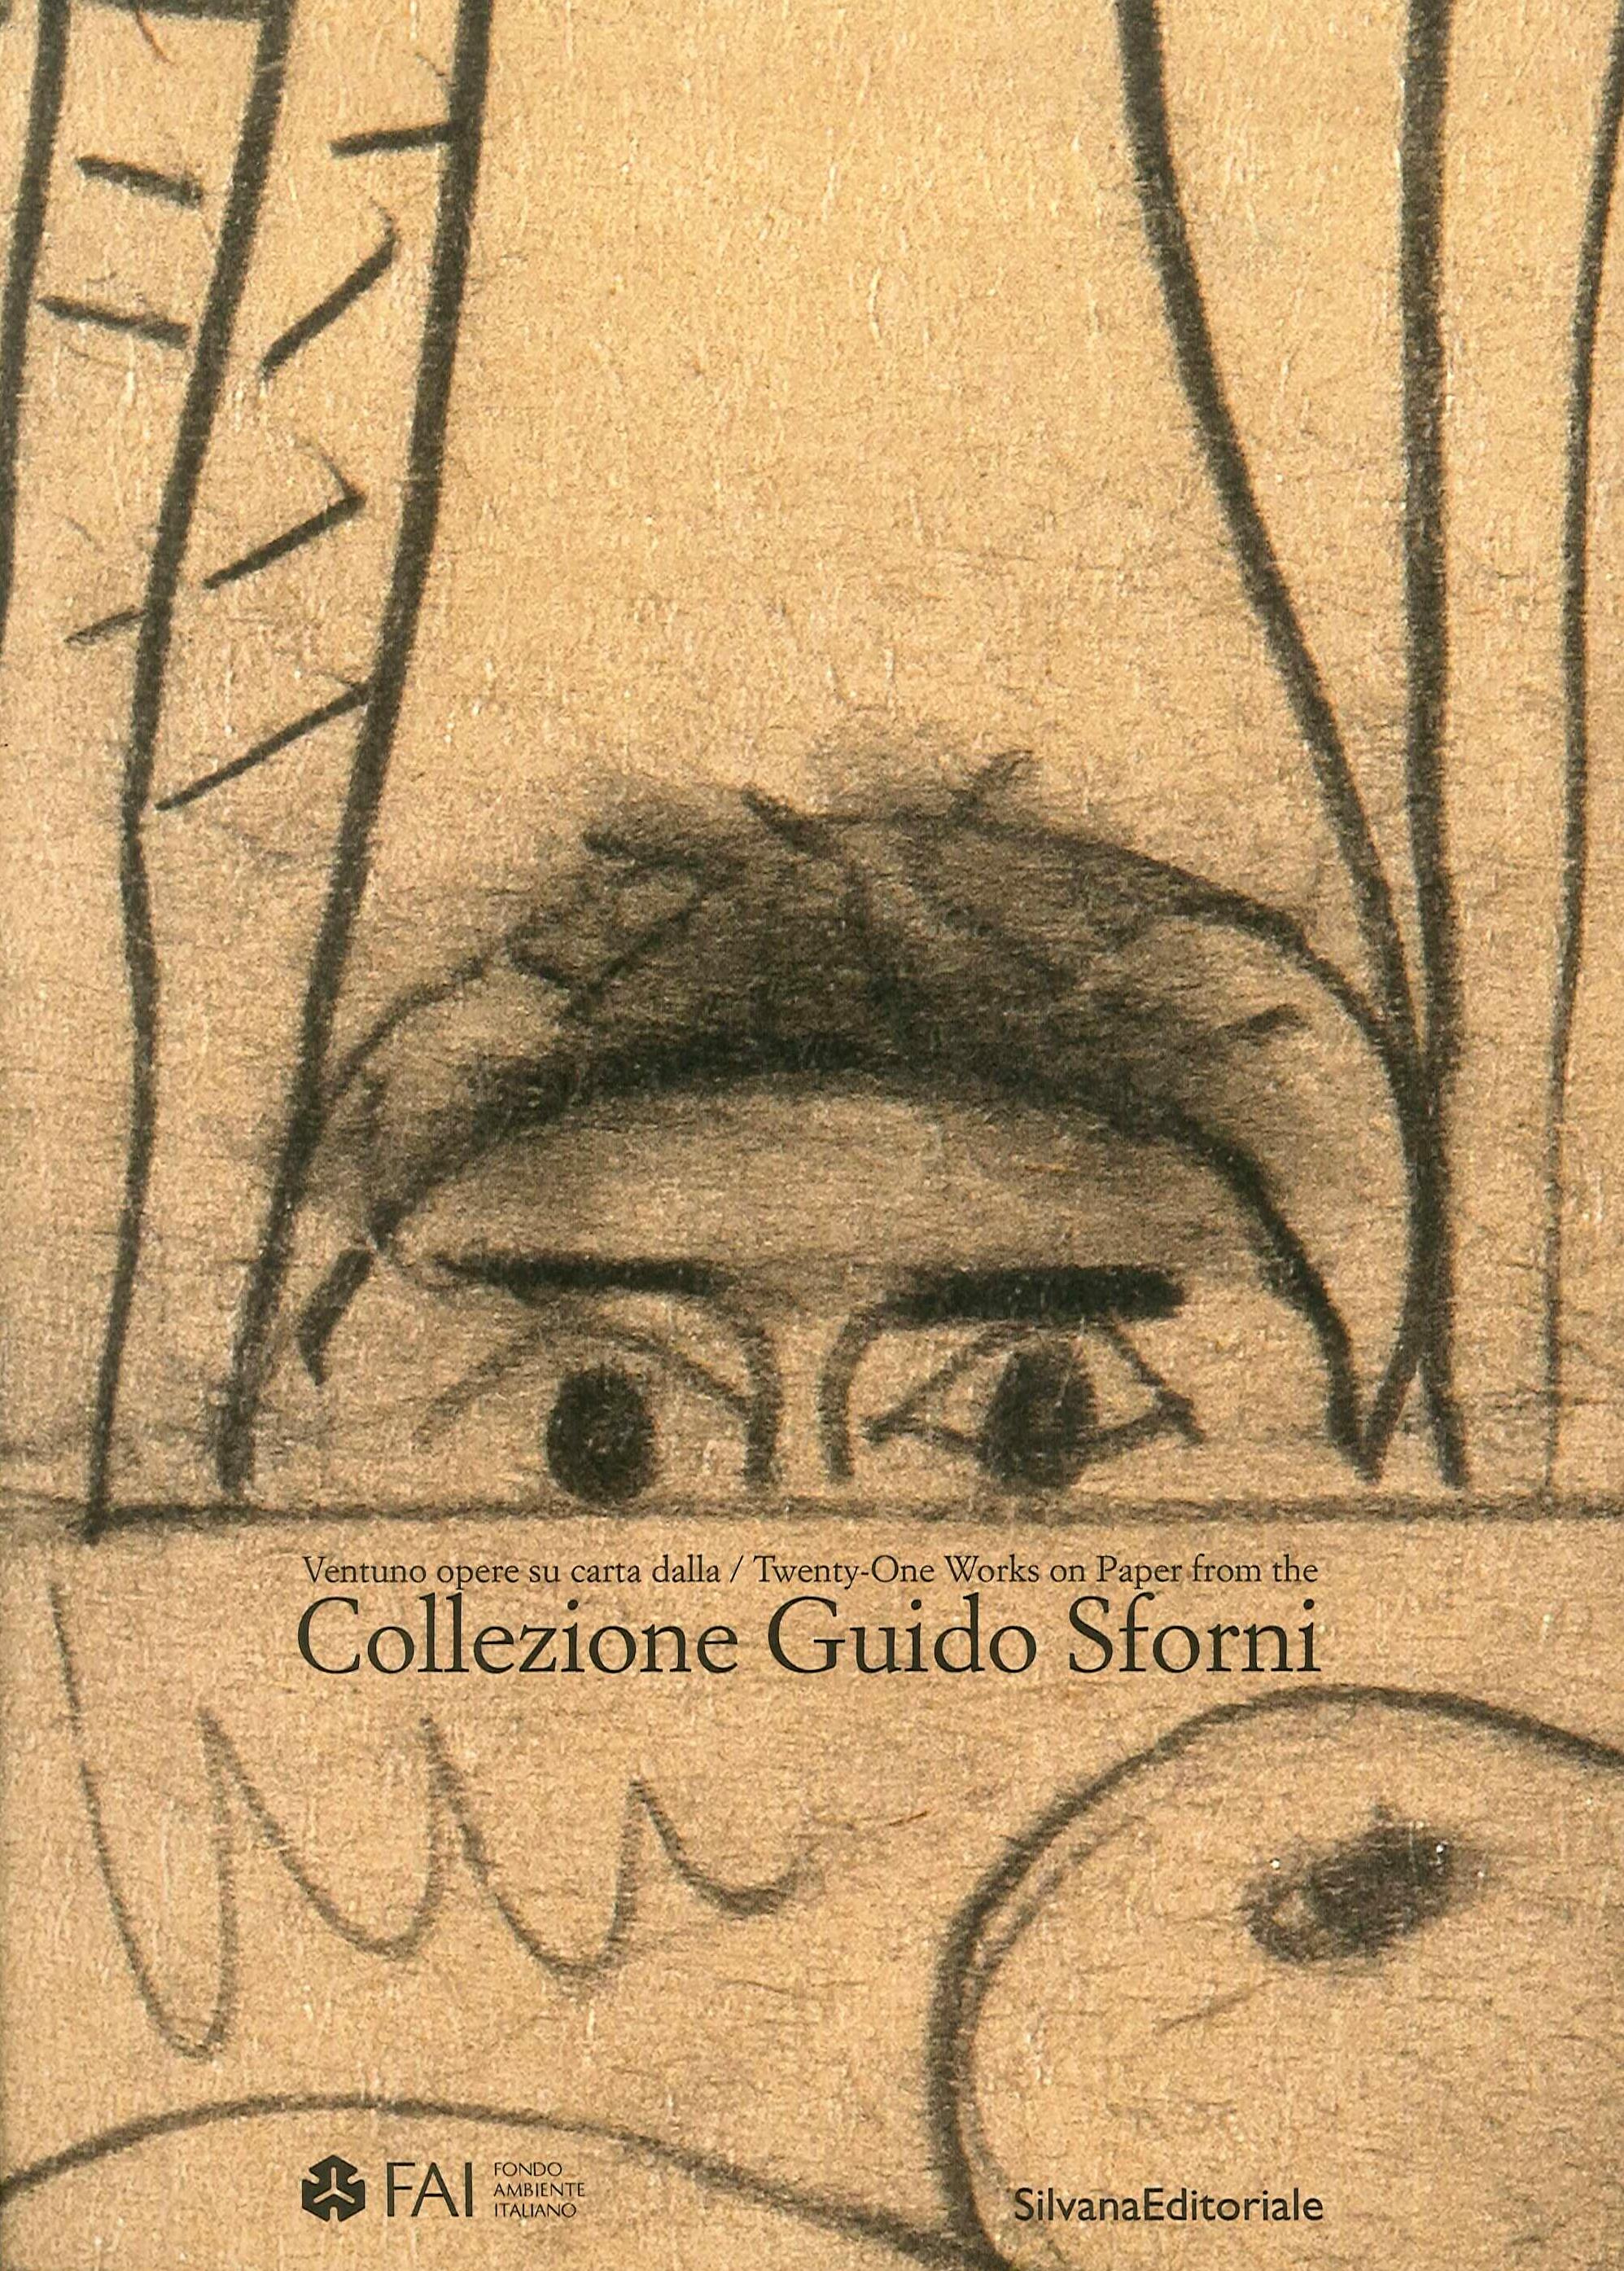 Collezione Guido Sforni.21 opere su carta. 21 Works on paper from the